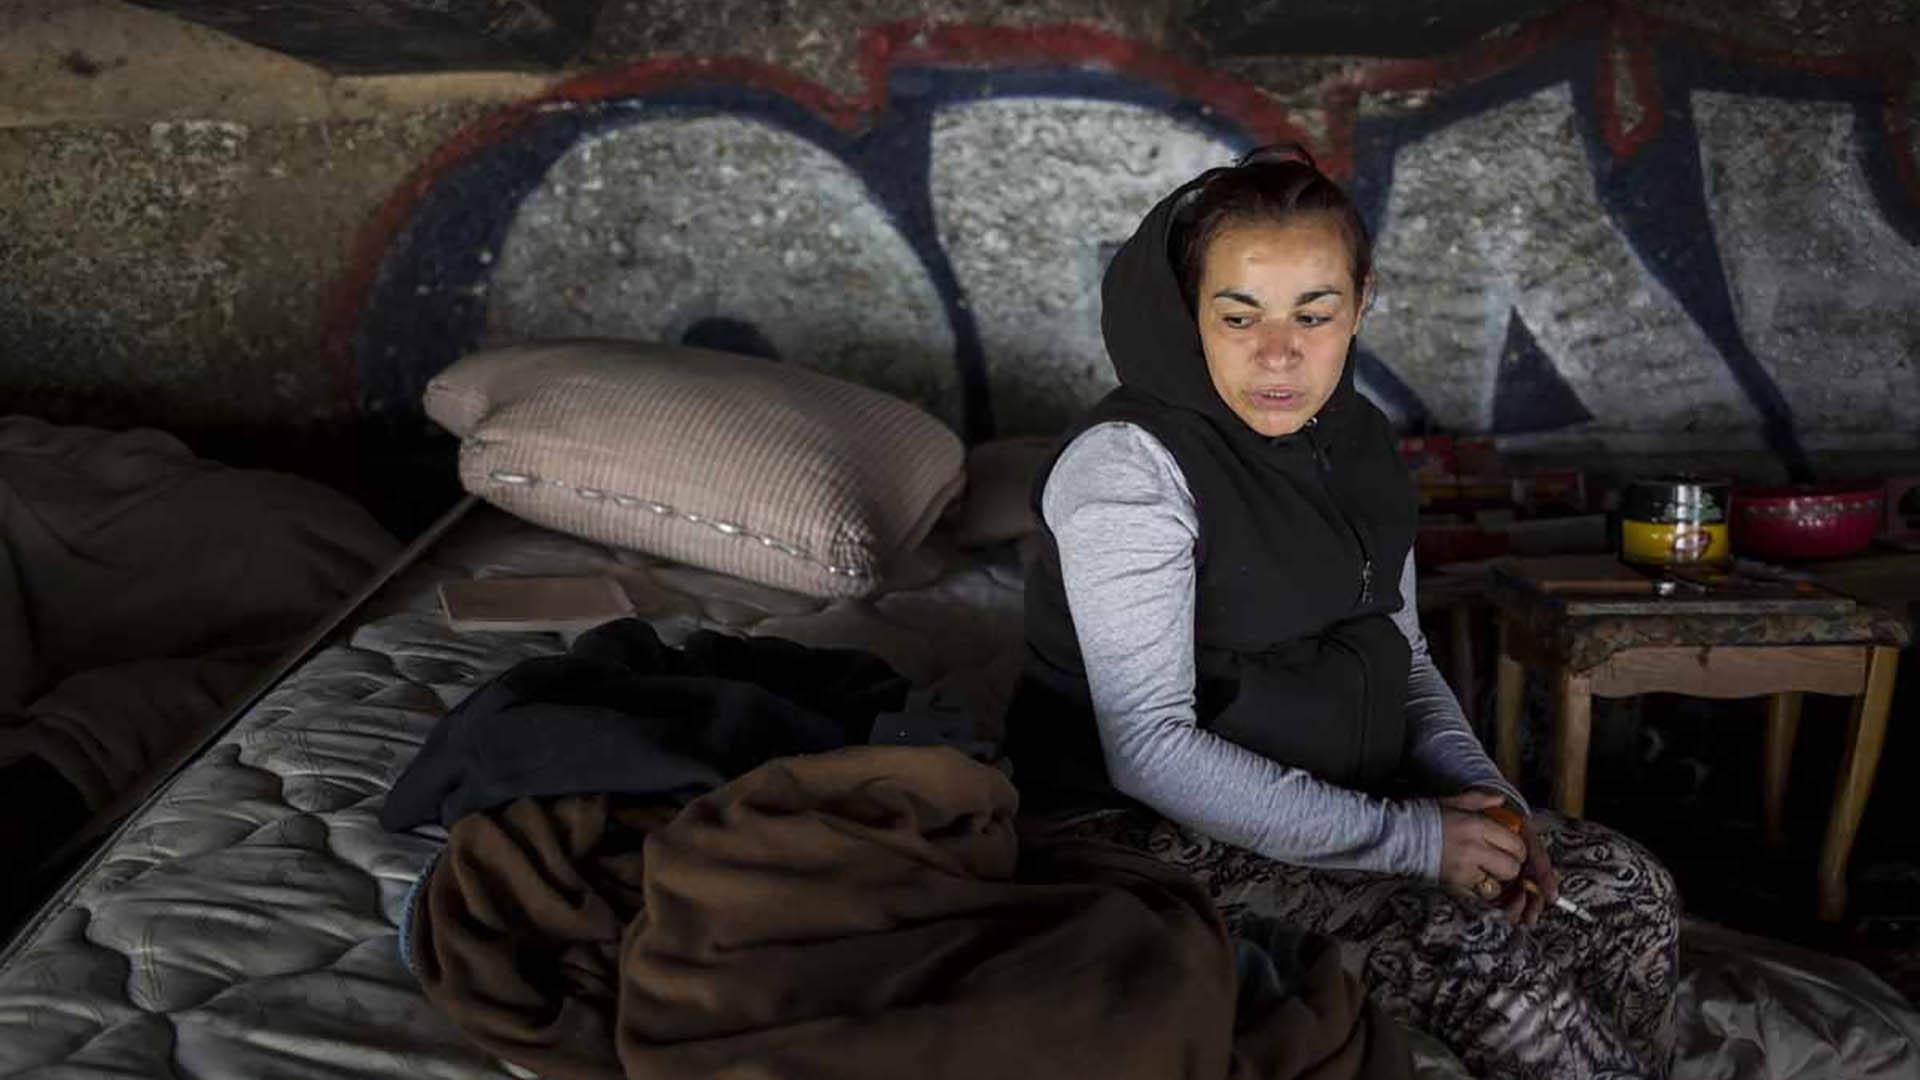 Jessica, una indigente adicta, relató que dio positivo por VIH tras ser violada en el lugar, bajo un puente